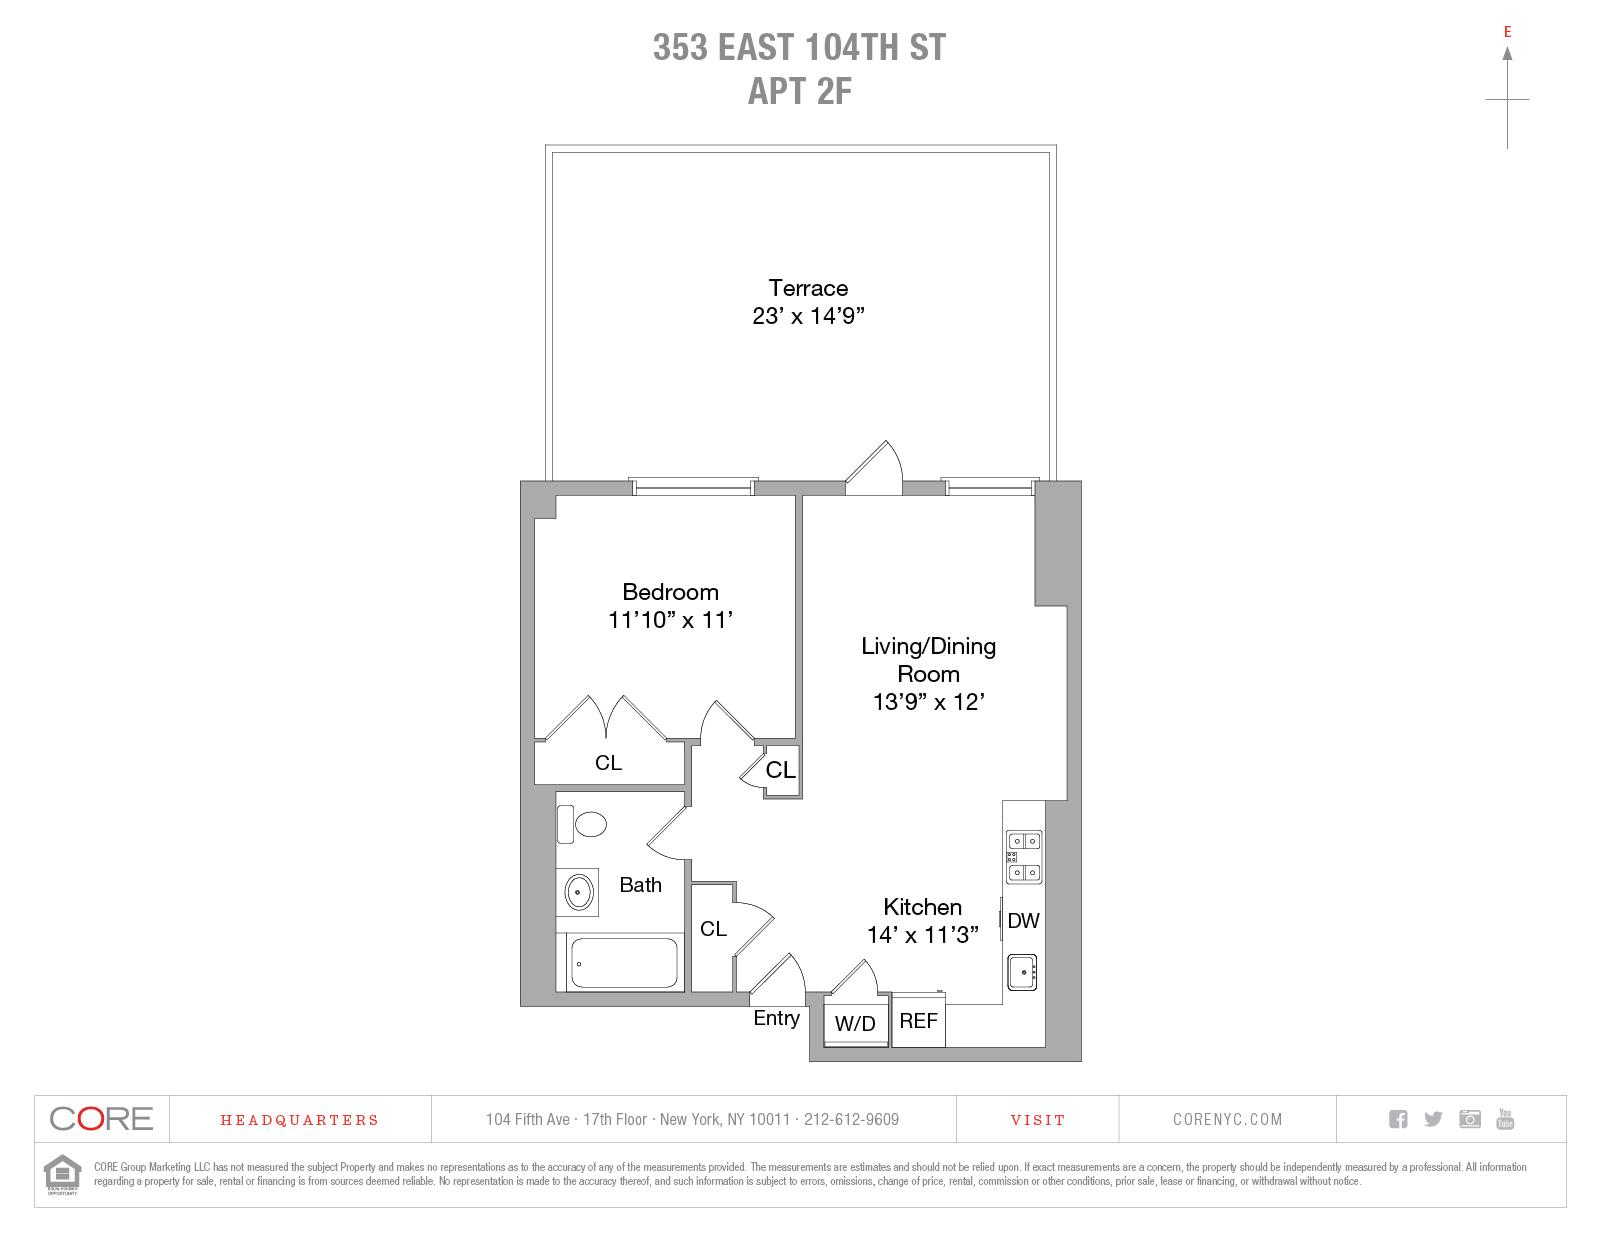 353 East 104th St. 2F, New York, NY 10029